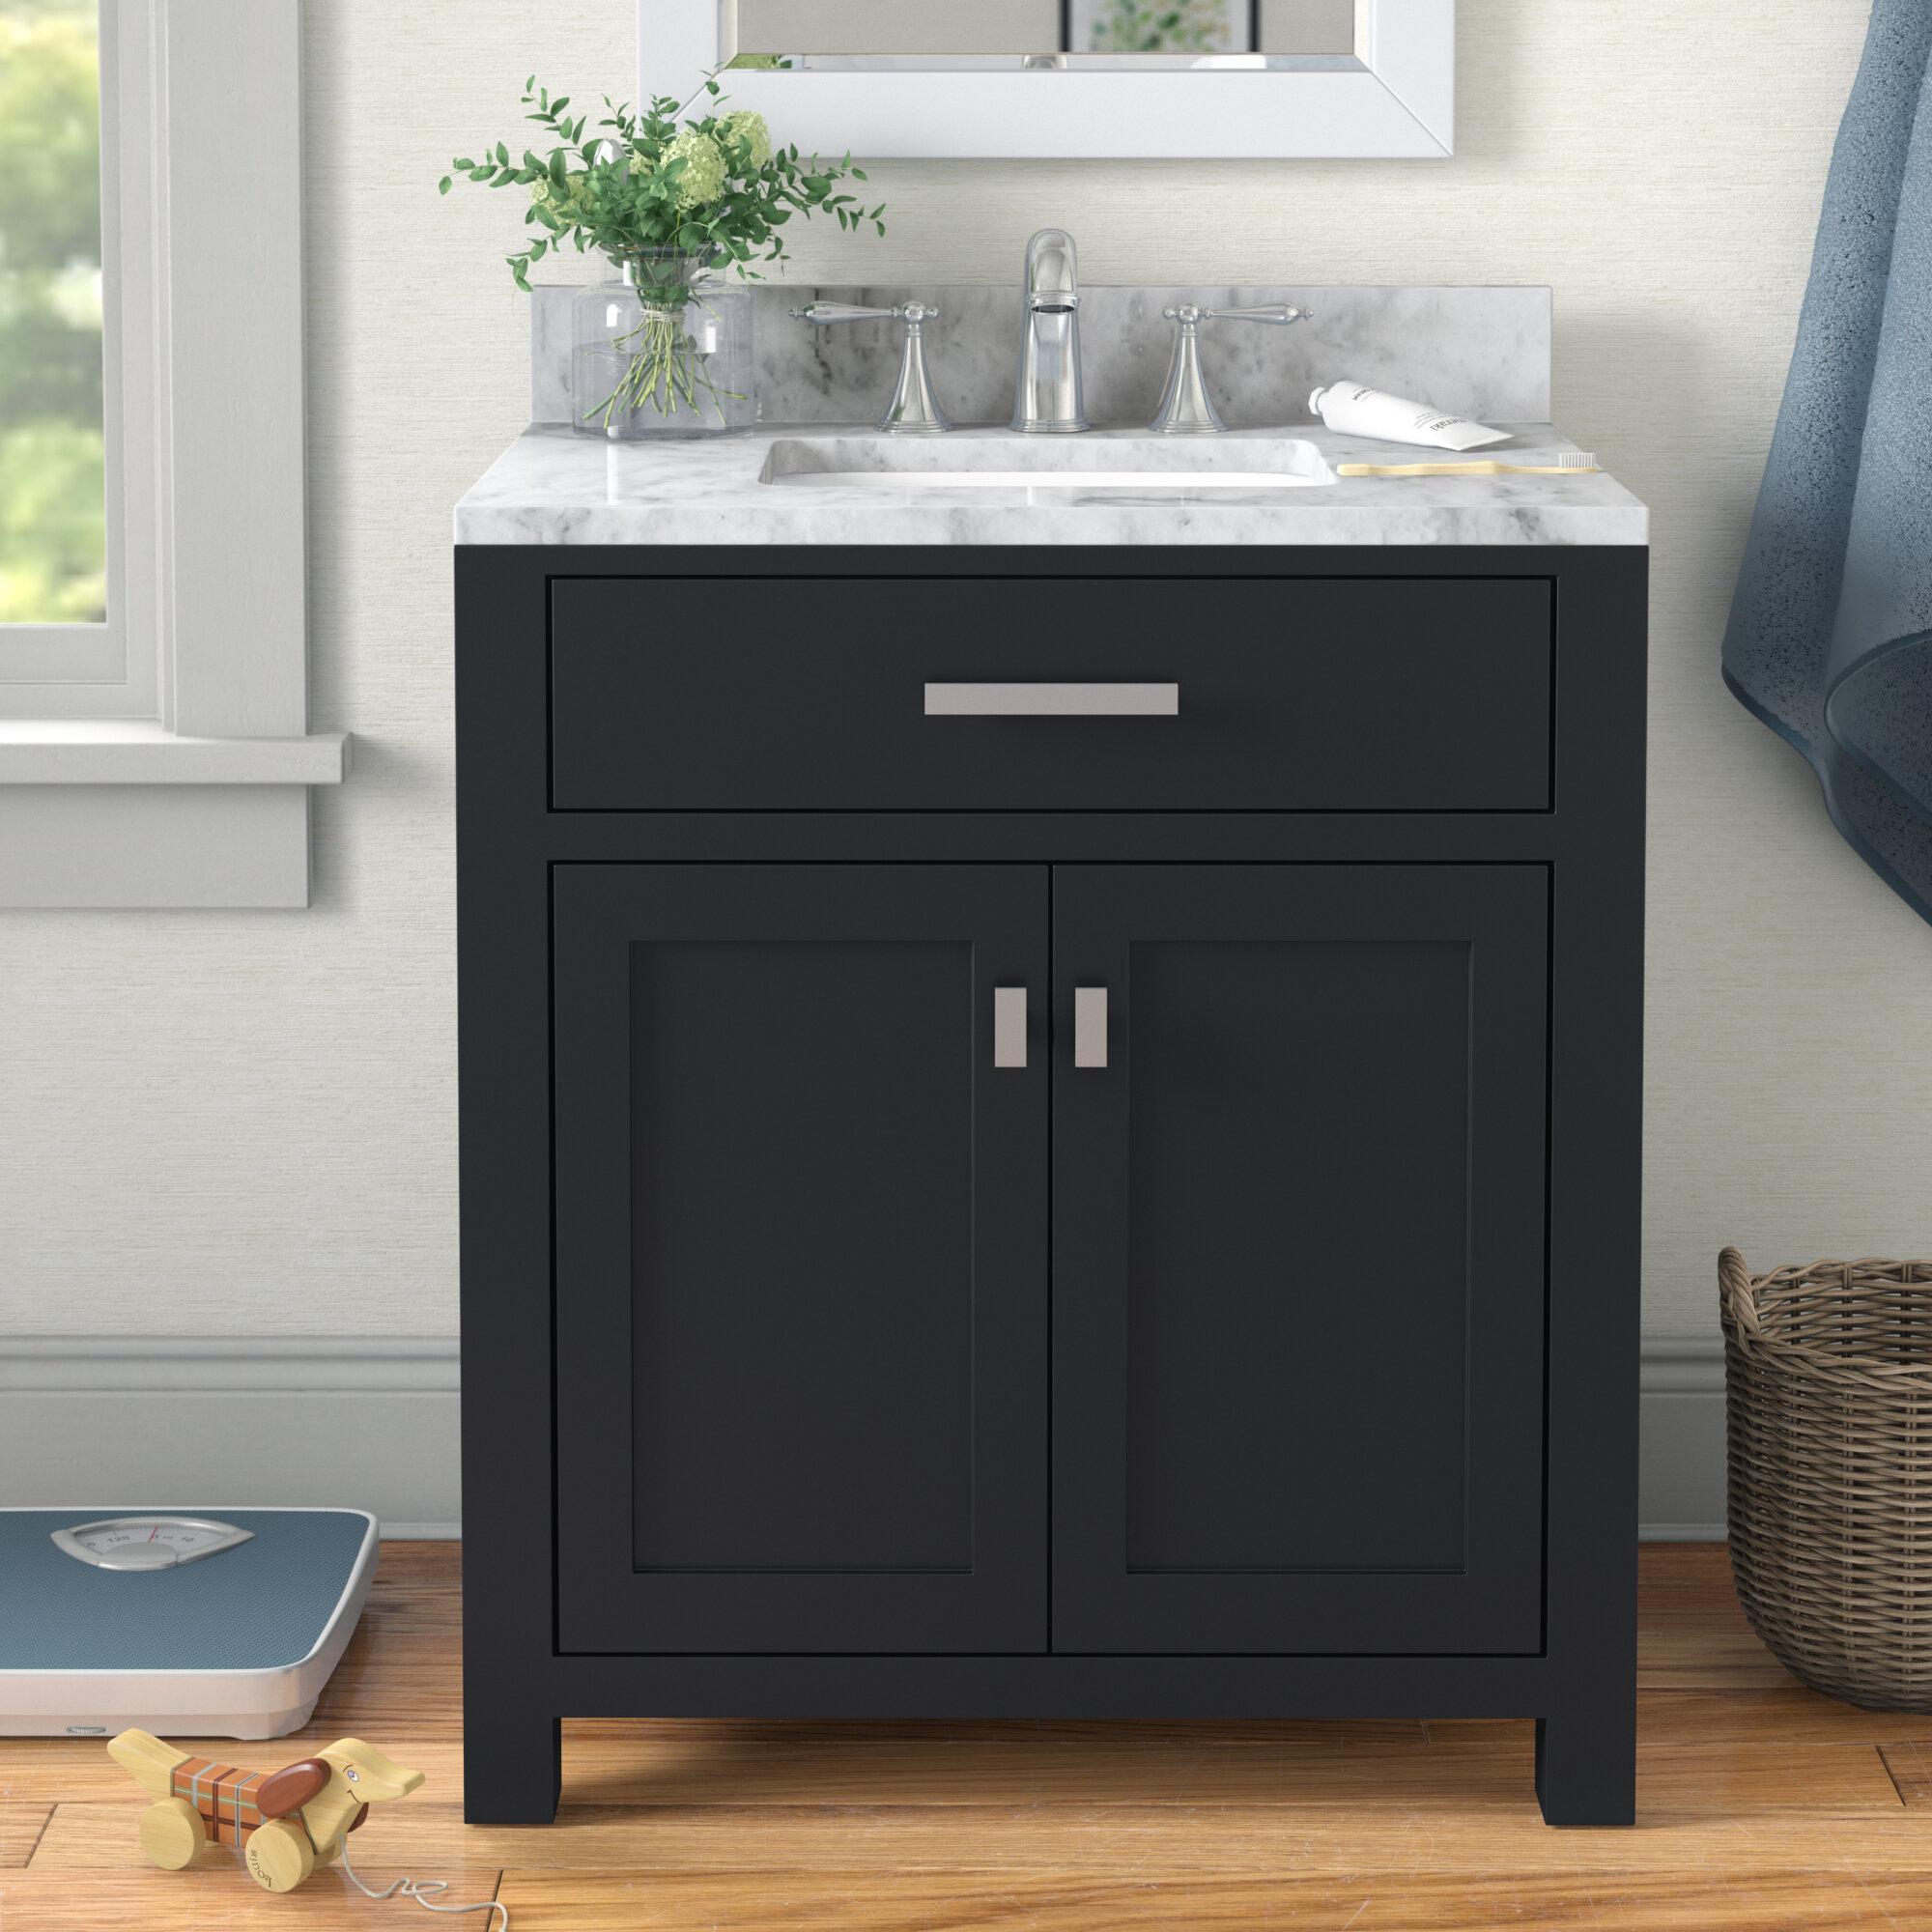 Wayfair Free Standing Bathroom Vanities You Ll Love In 2021